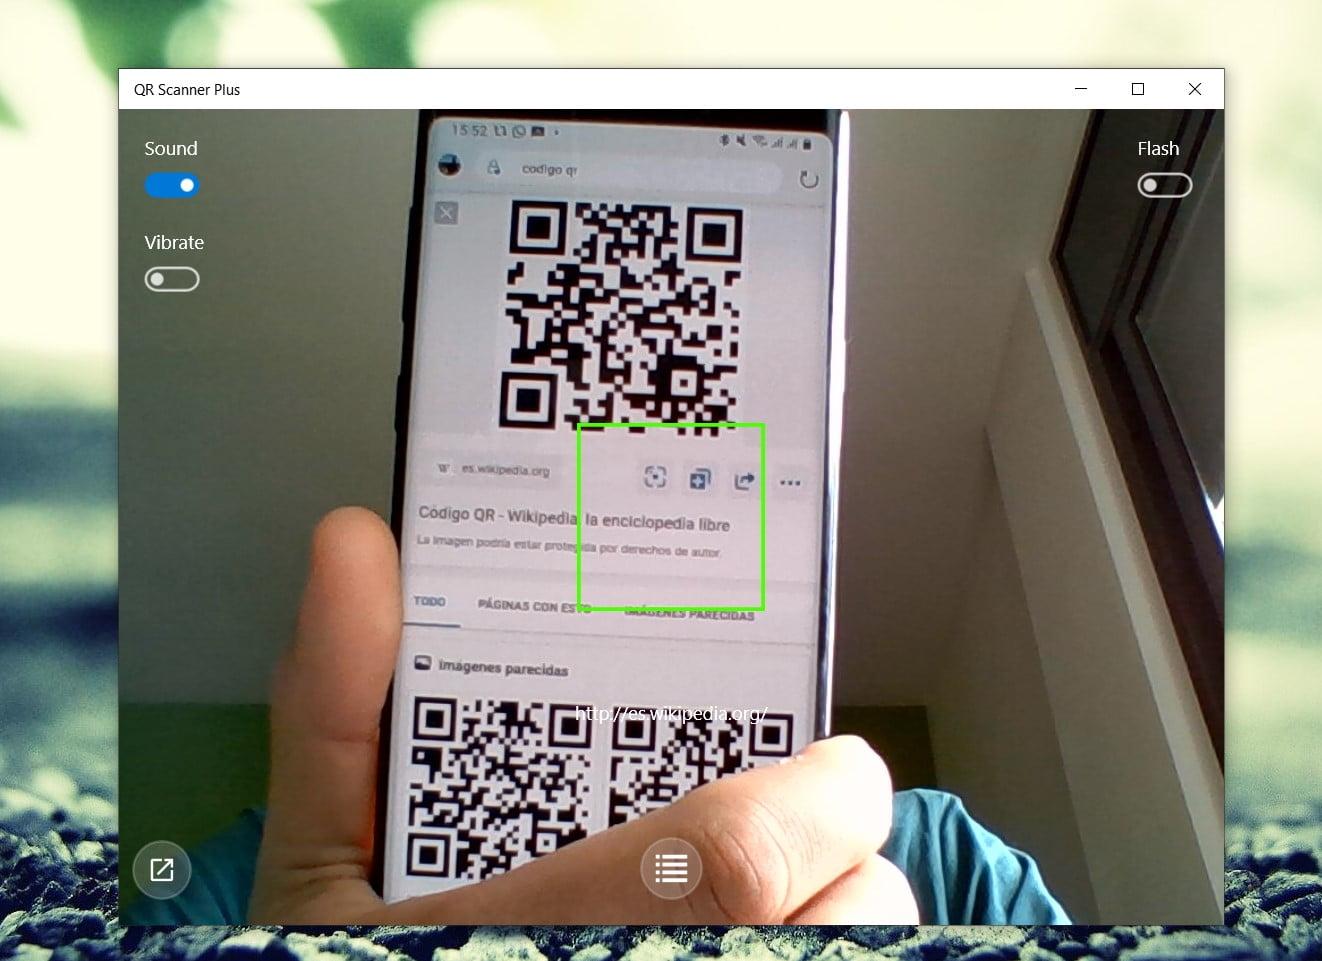 Escanear códigos QR desde Windows 10